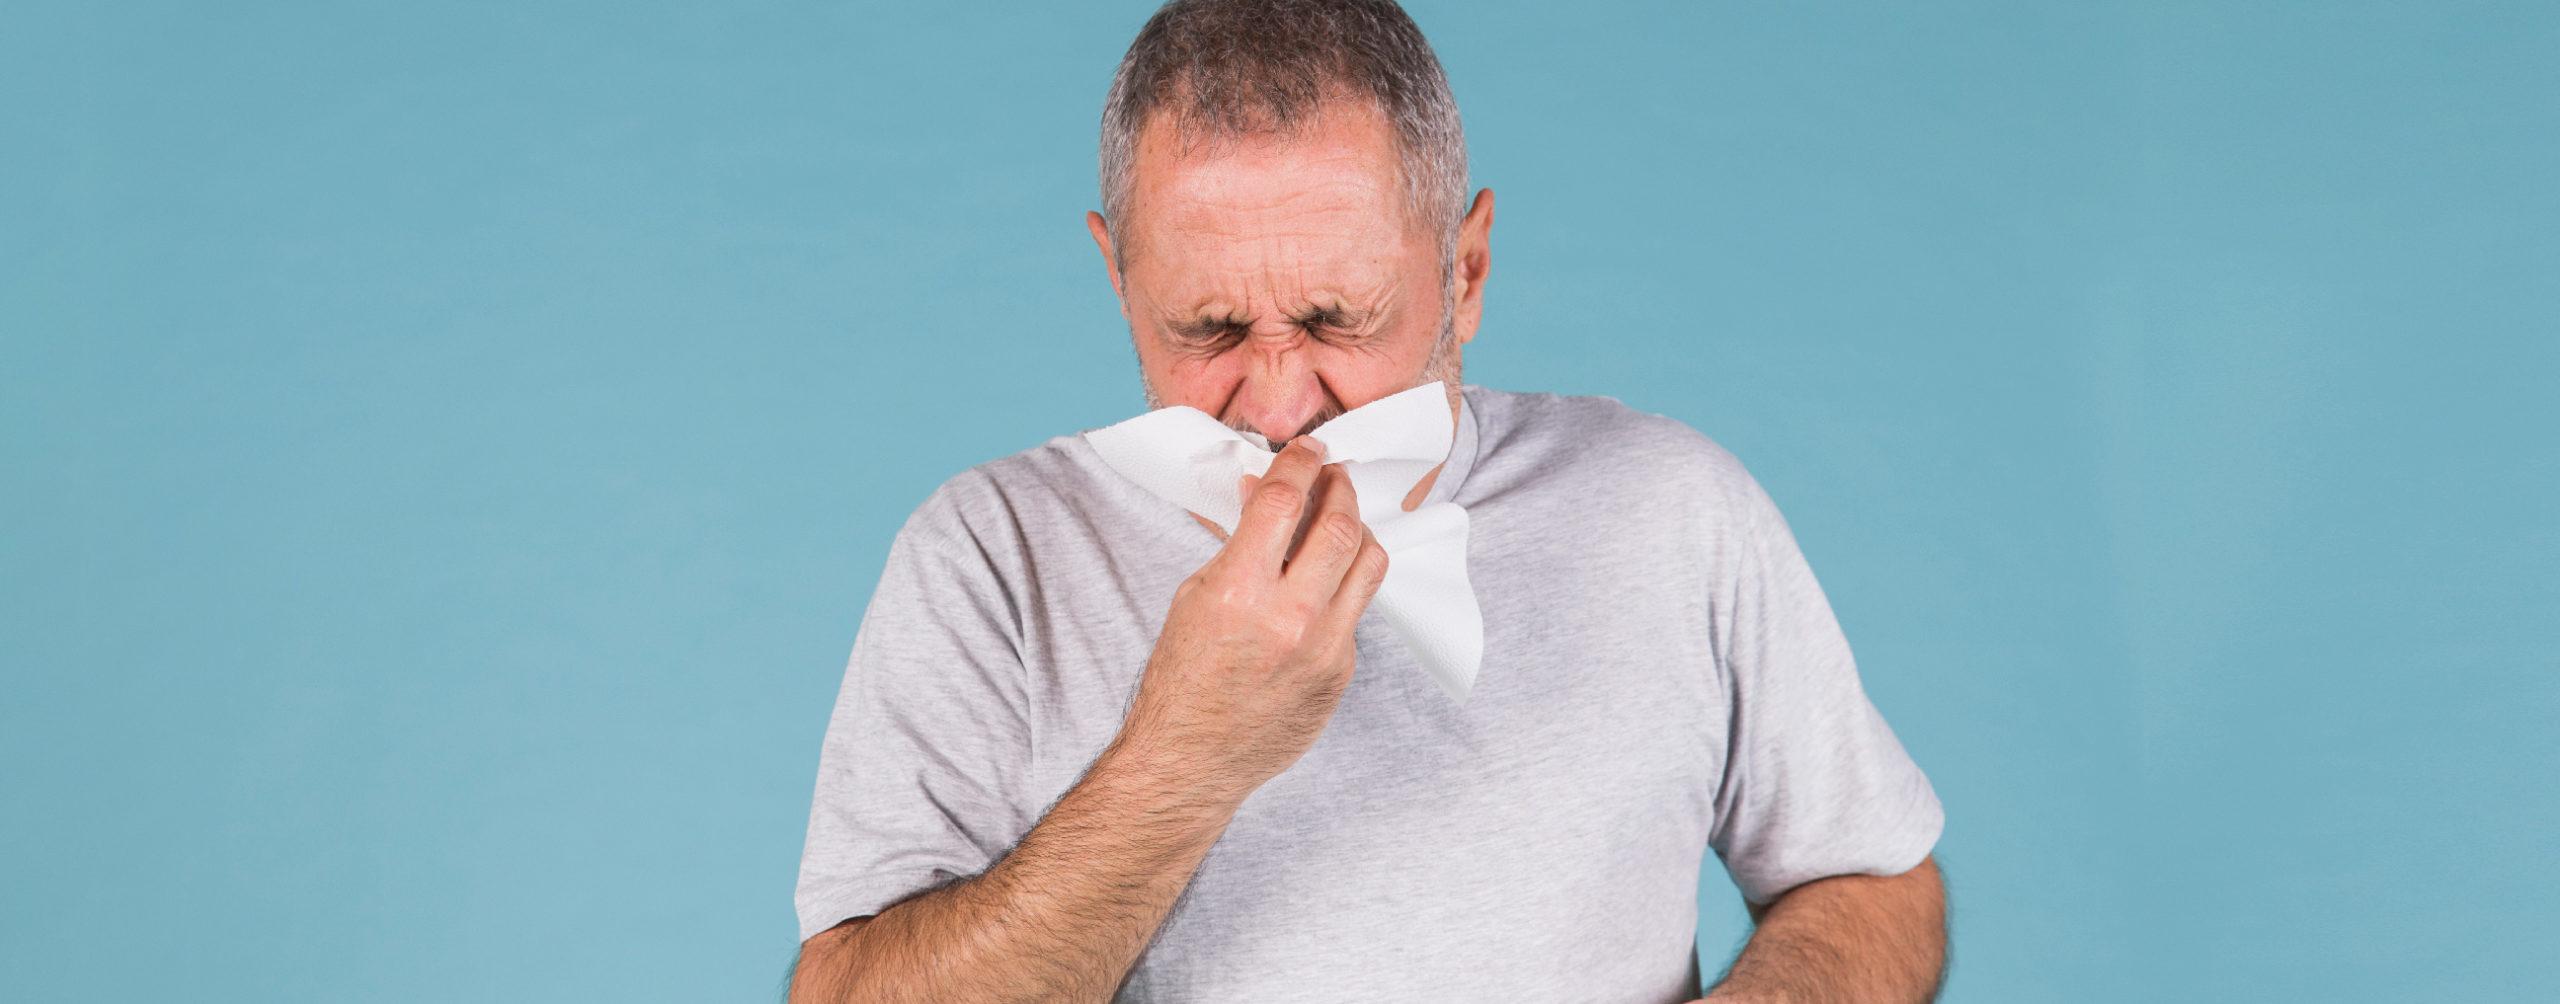 Iinfecciones_respiratorias_agudas_influenza_coronavirus